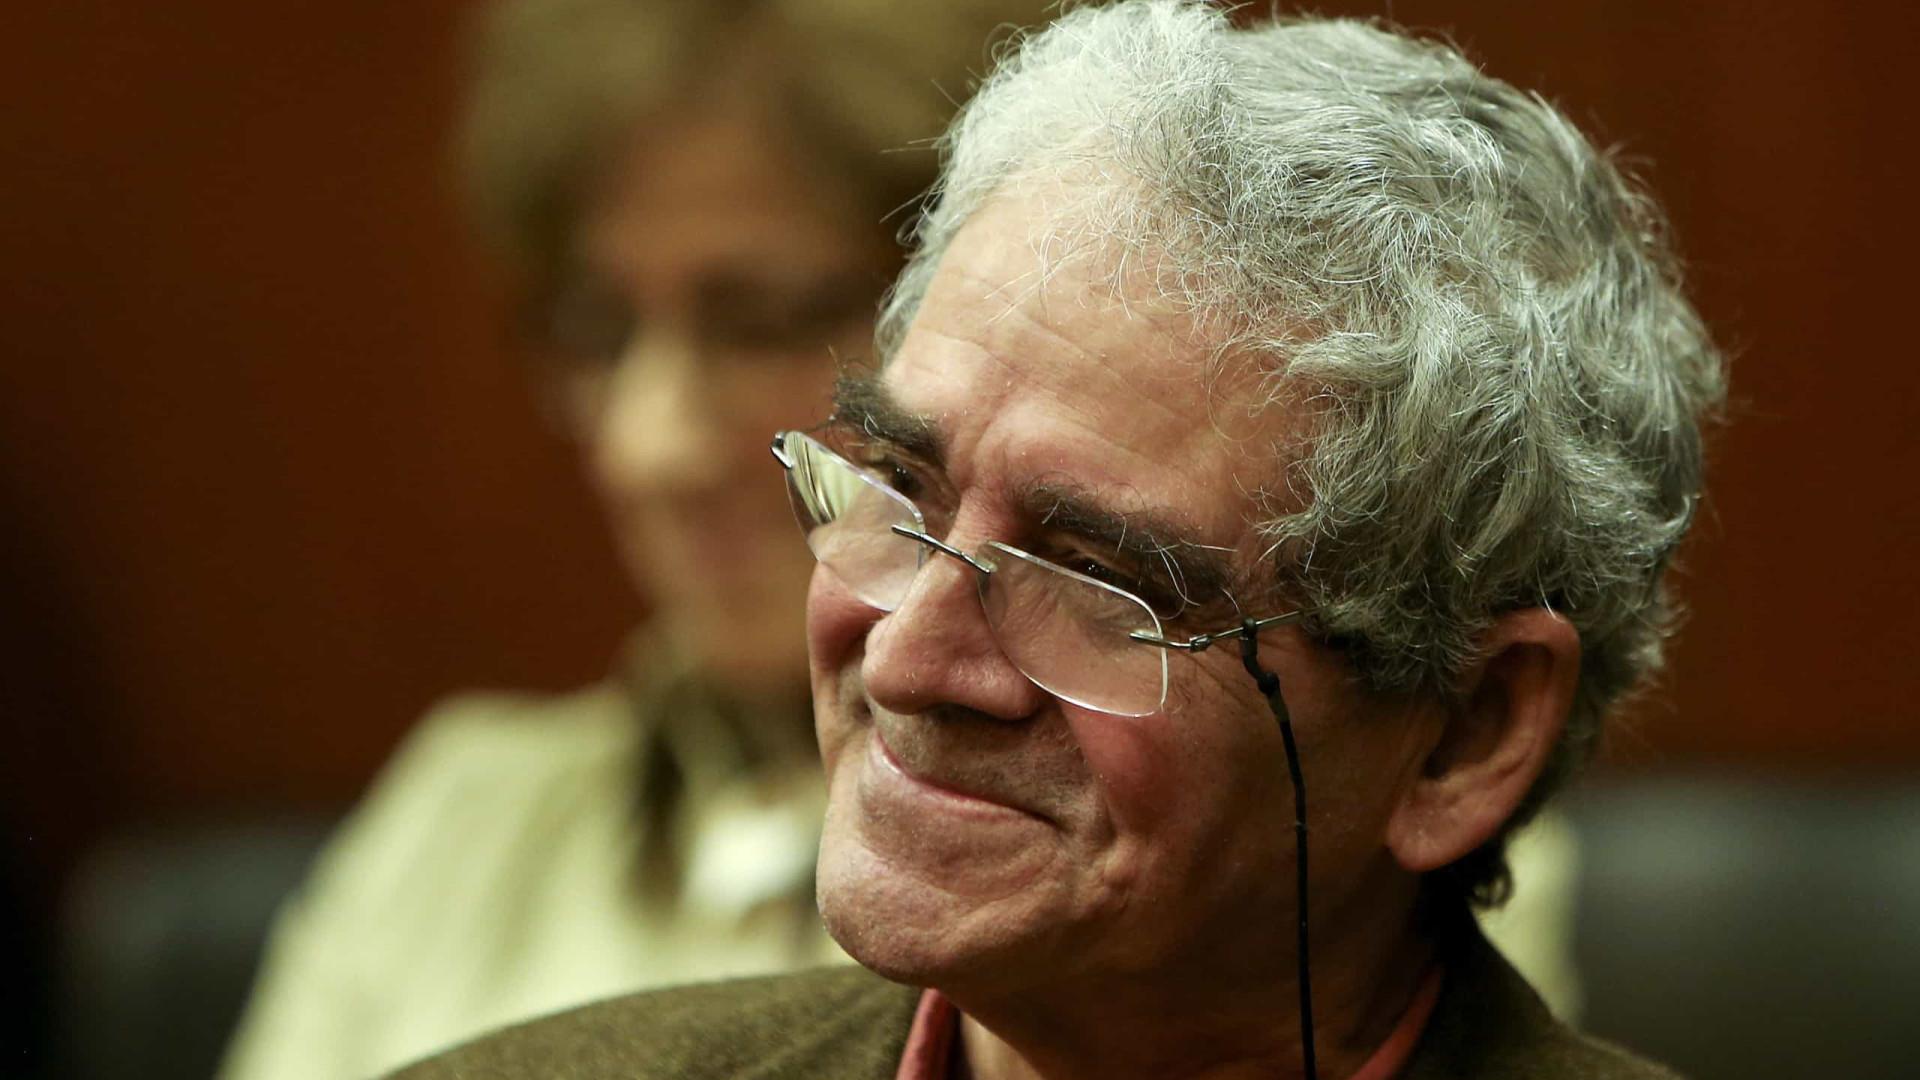 65 autores de língua portuguesa propostos para tradução para alemã